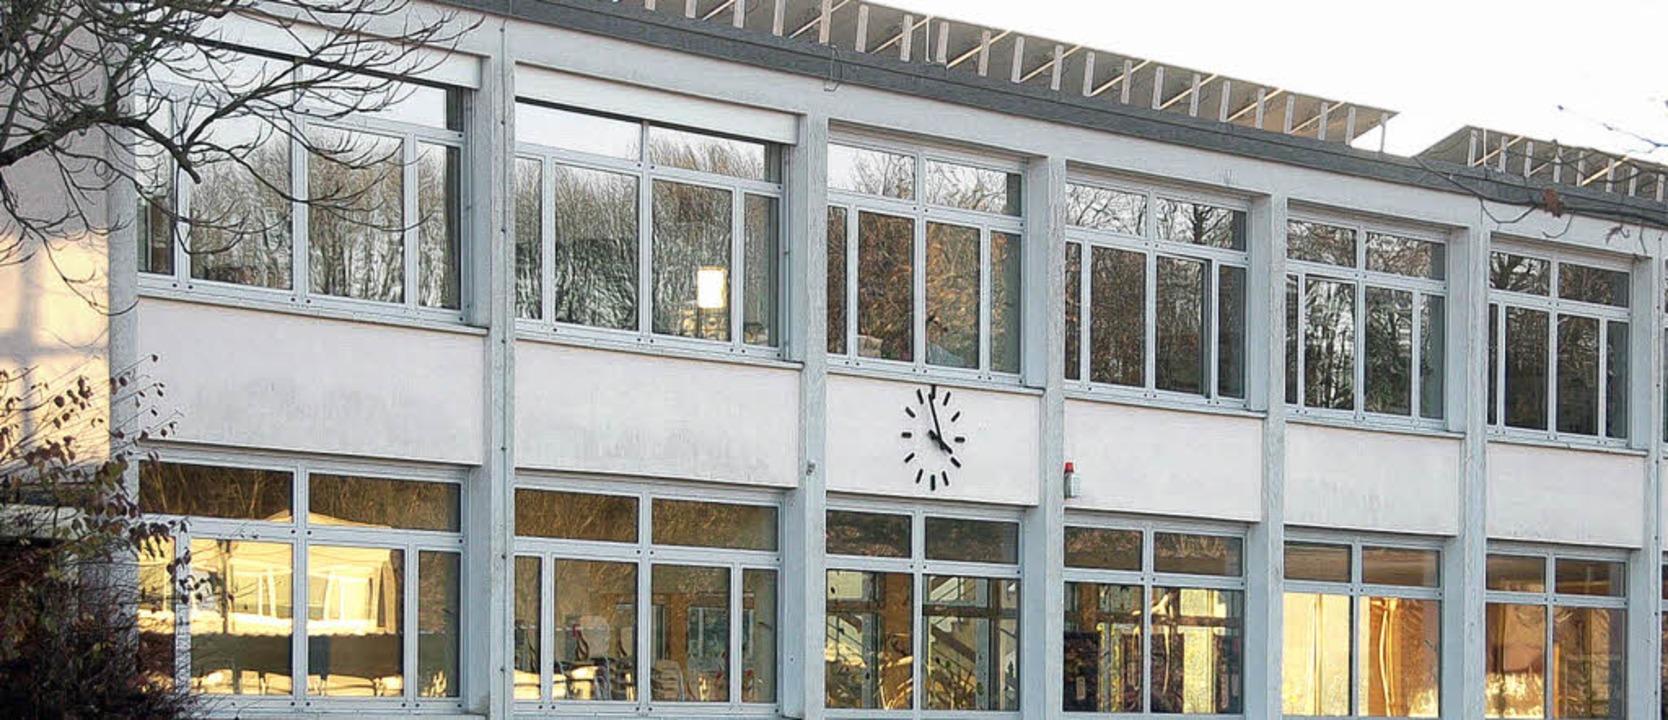 Für zwei Konrektoren hat die Werkreals...r zu wenig Schüler, sagt das Schulamt.    Foto: krug